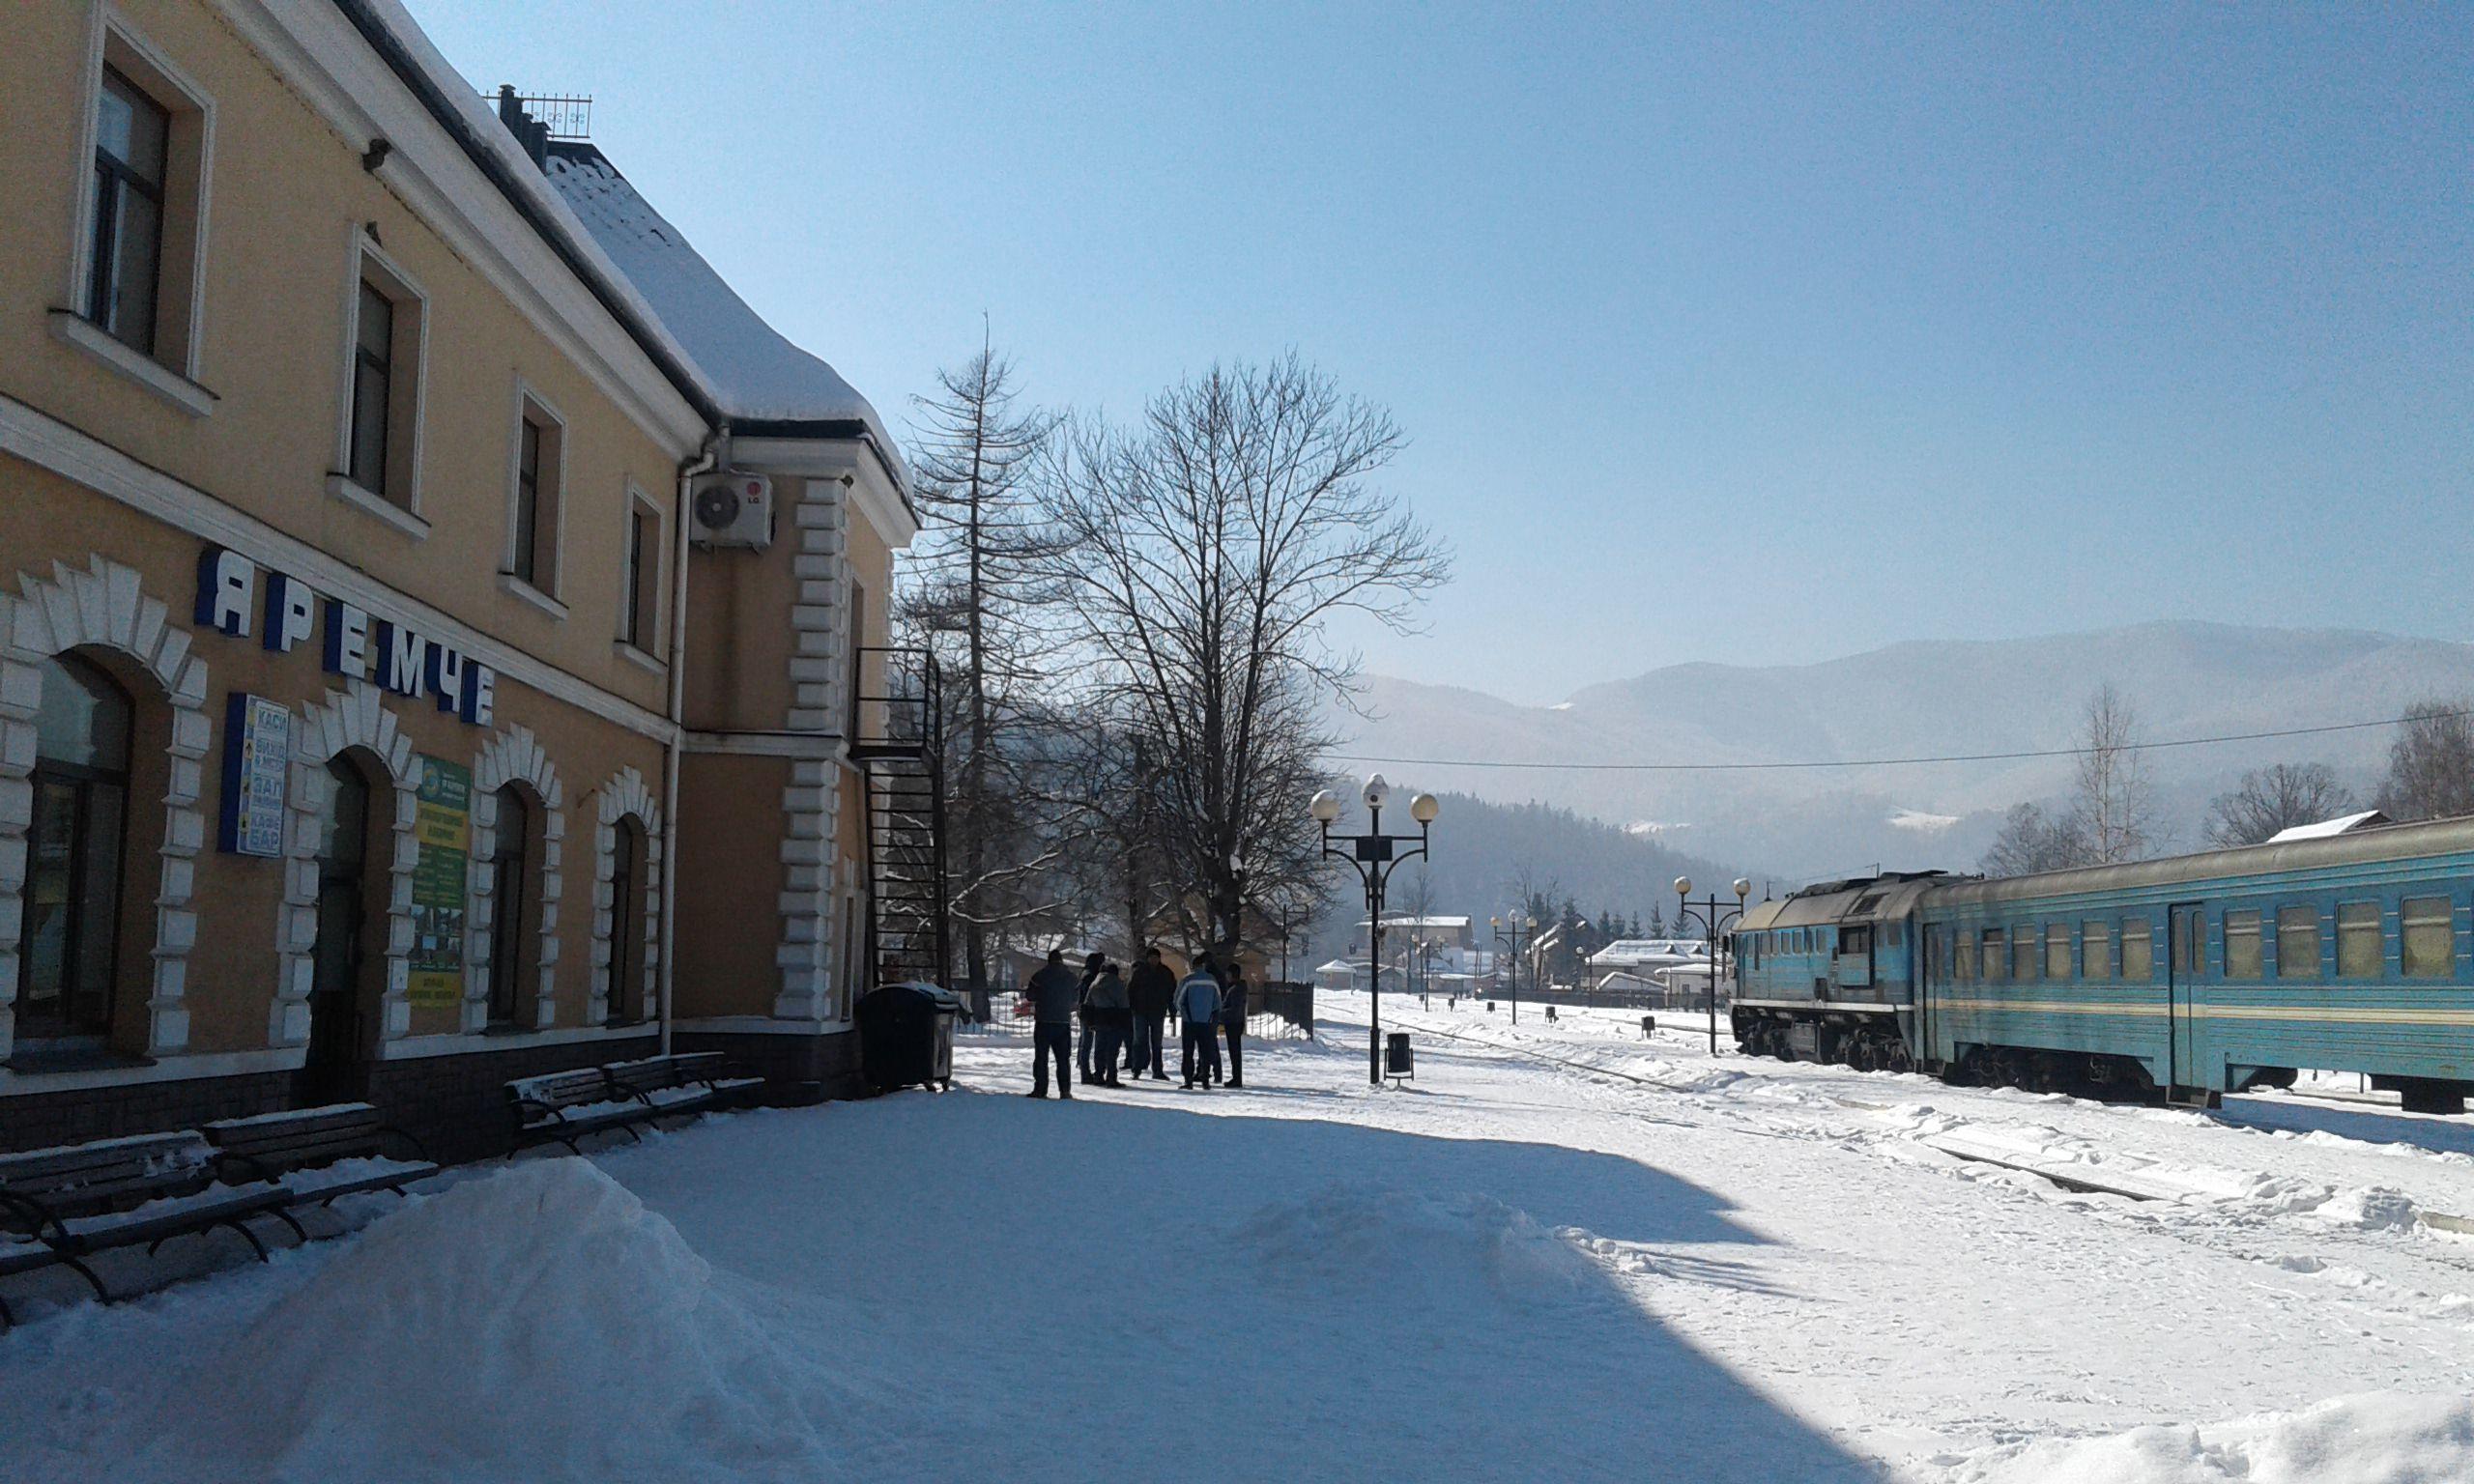 Прикарпатье: На поезде — на зимние праздники в горы